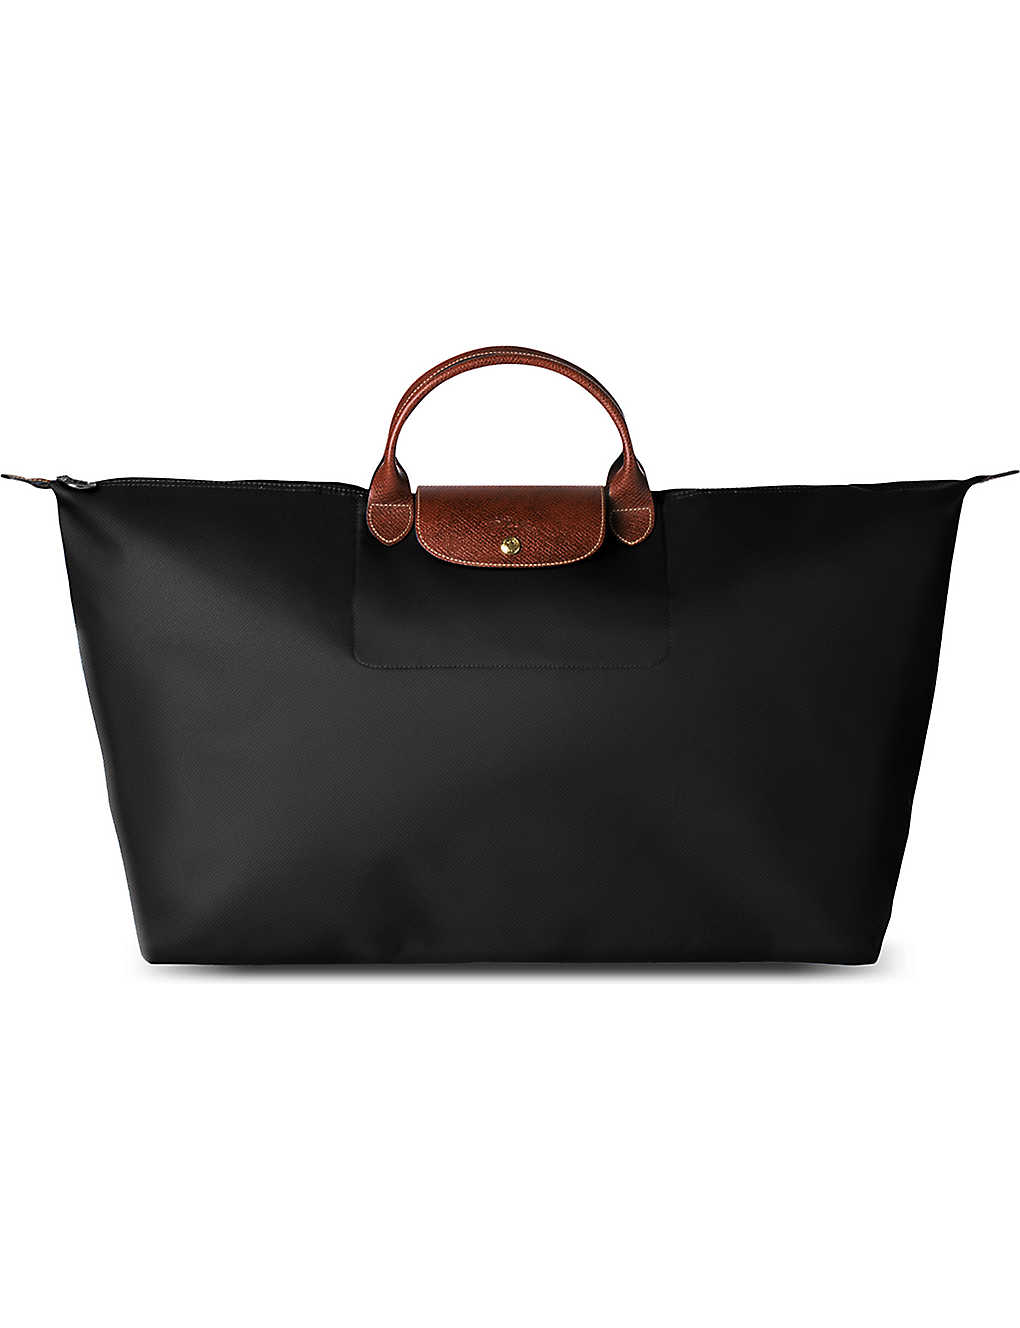 3ef04a572359 LONGCHAMP - Le Pliage large travel bag in black | Selfridges.com